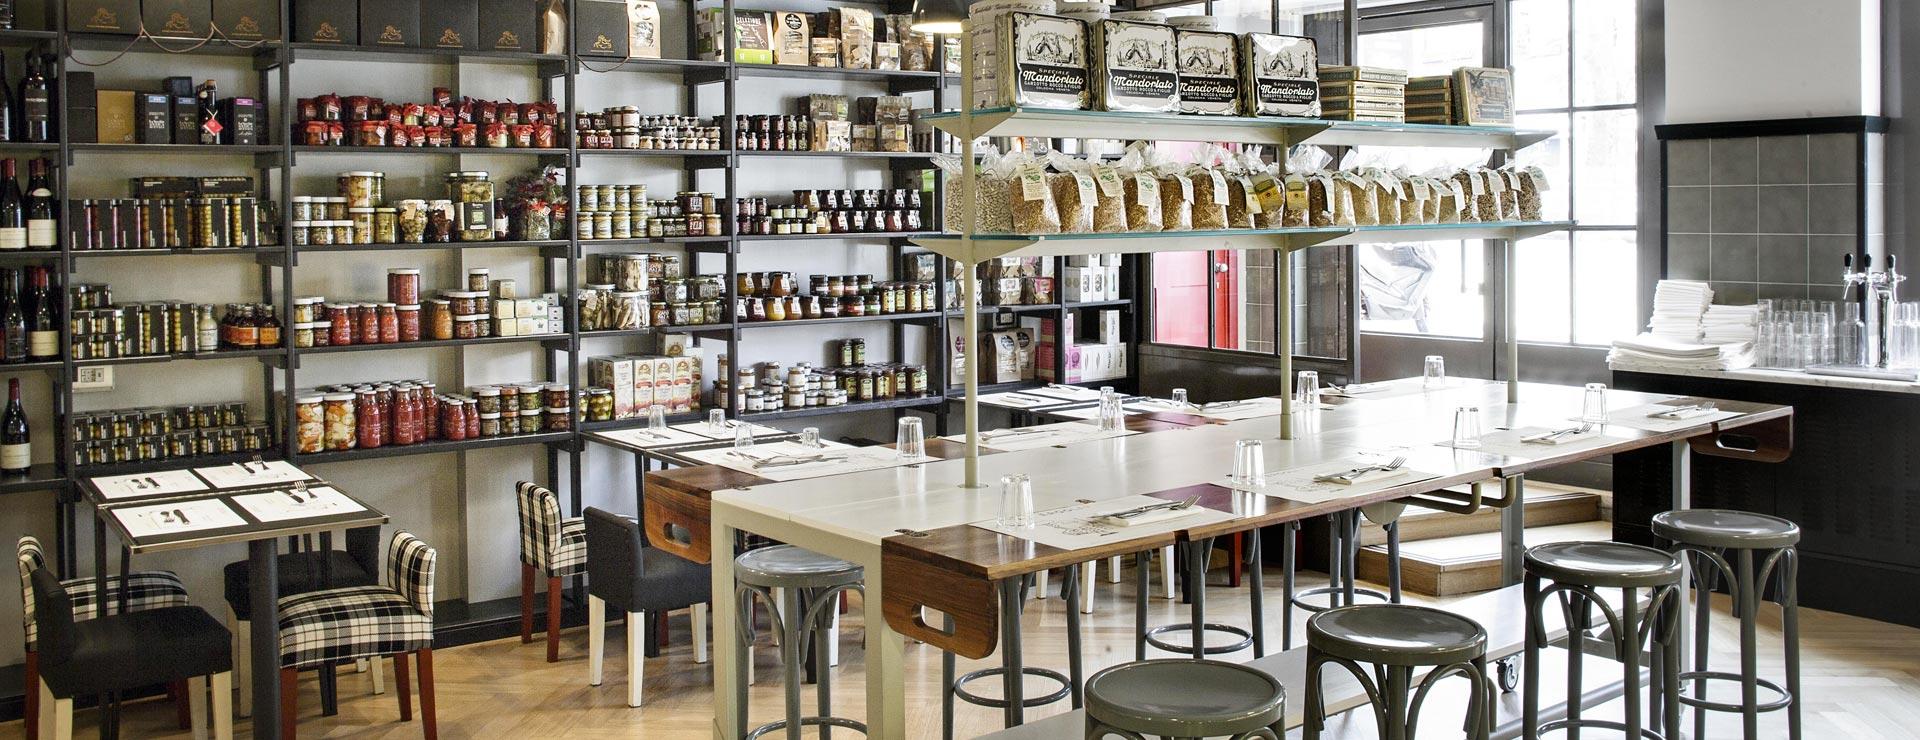 ristorante con scaffali per la spesa